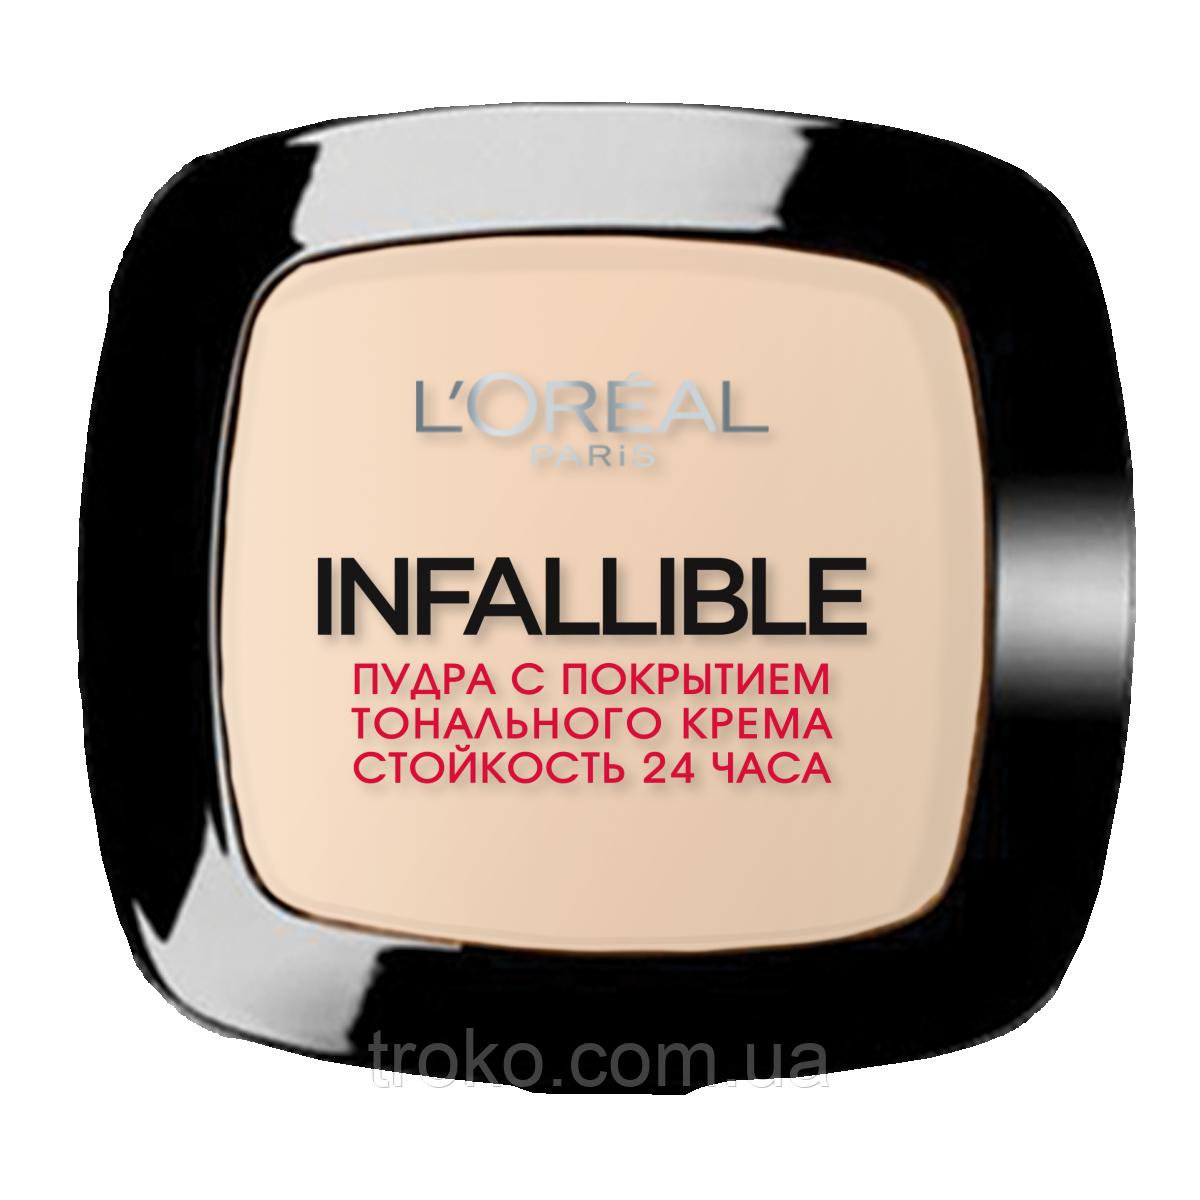 LOREAL INFAILLIBLE Пудра, 9г №123 - Warm Vanilla